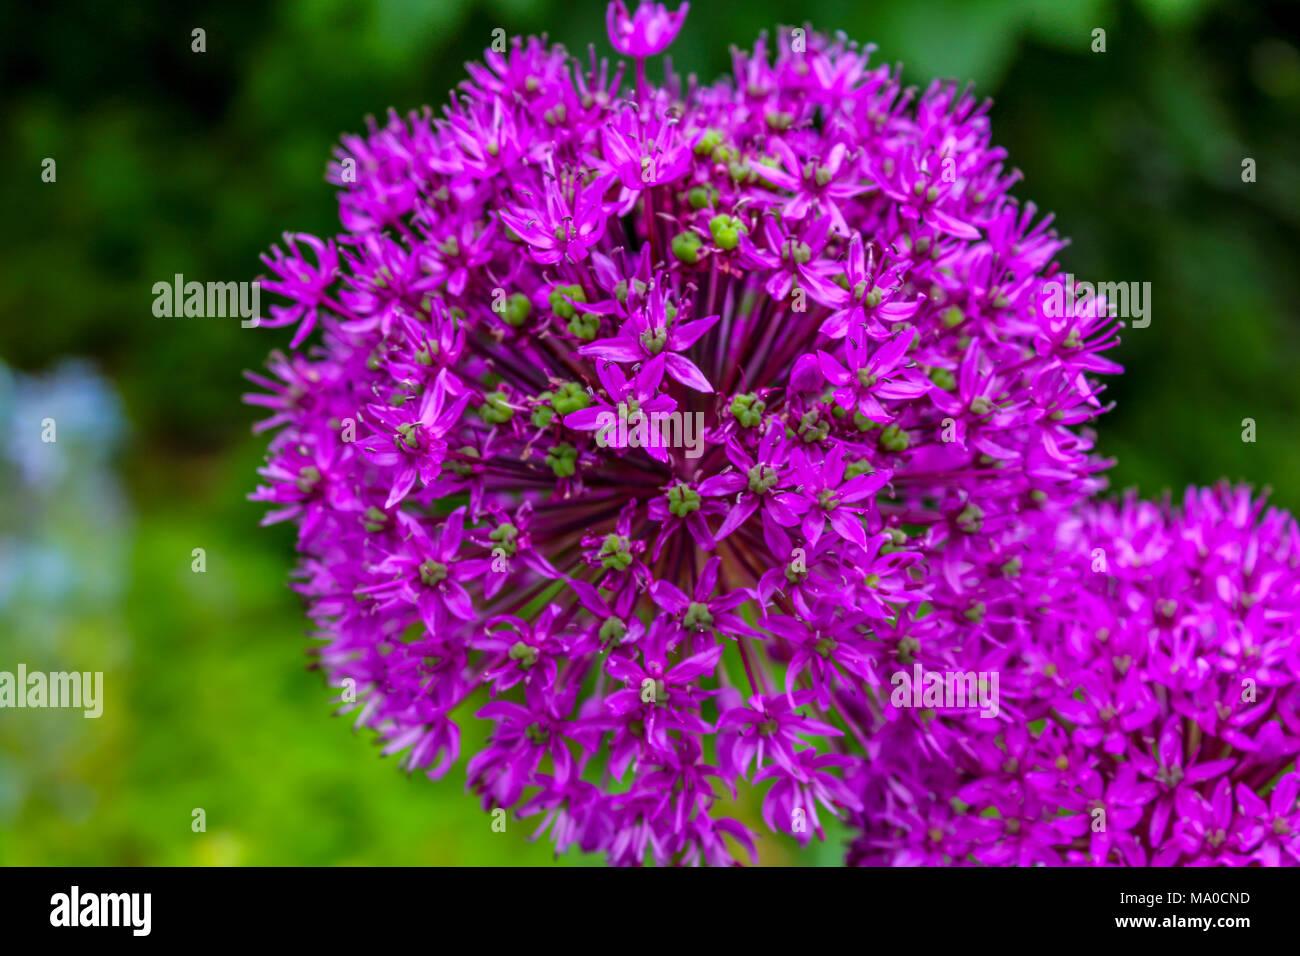 Fiori A Palla.Palla Rosa In Fiore Giardino Fiore Chiuso Aperto E Chiuso